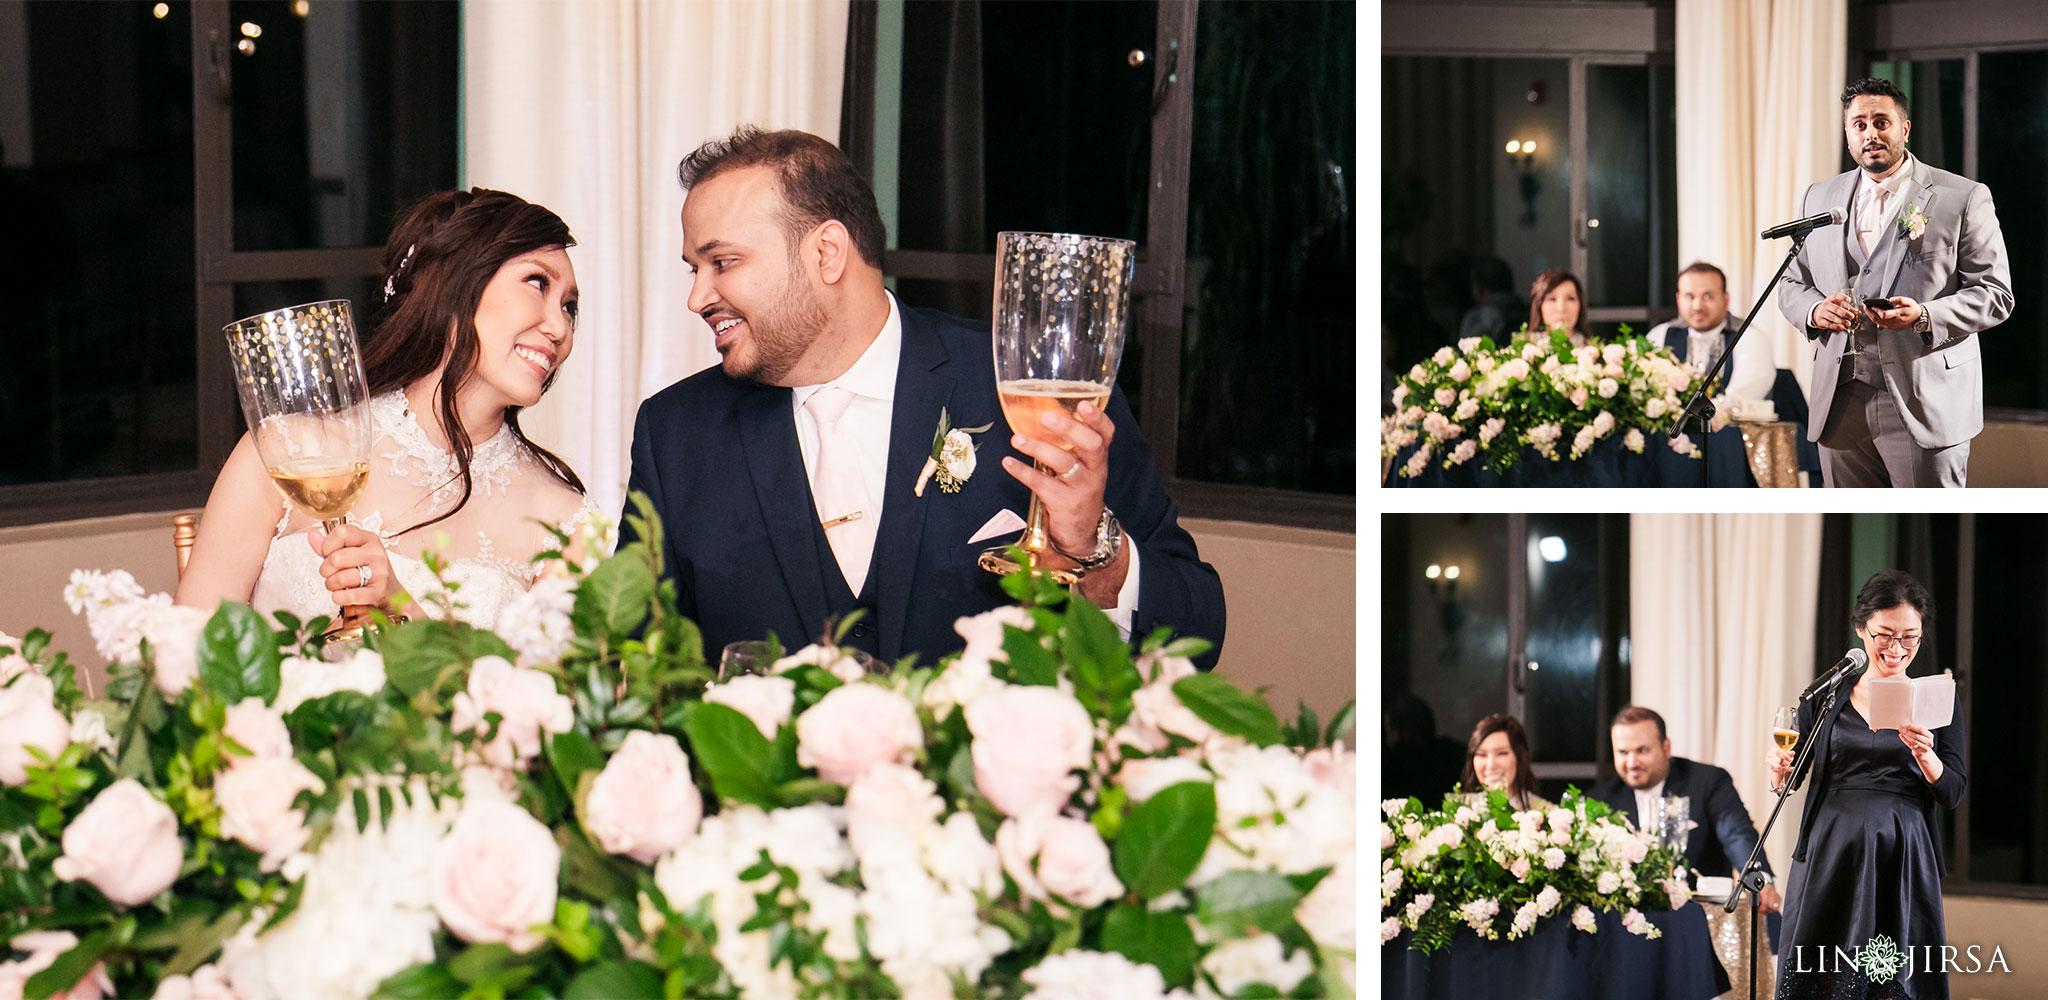 30 Bel Air Bay Club Los Angeles Wedding Photography